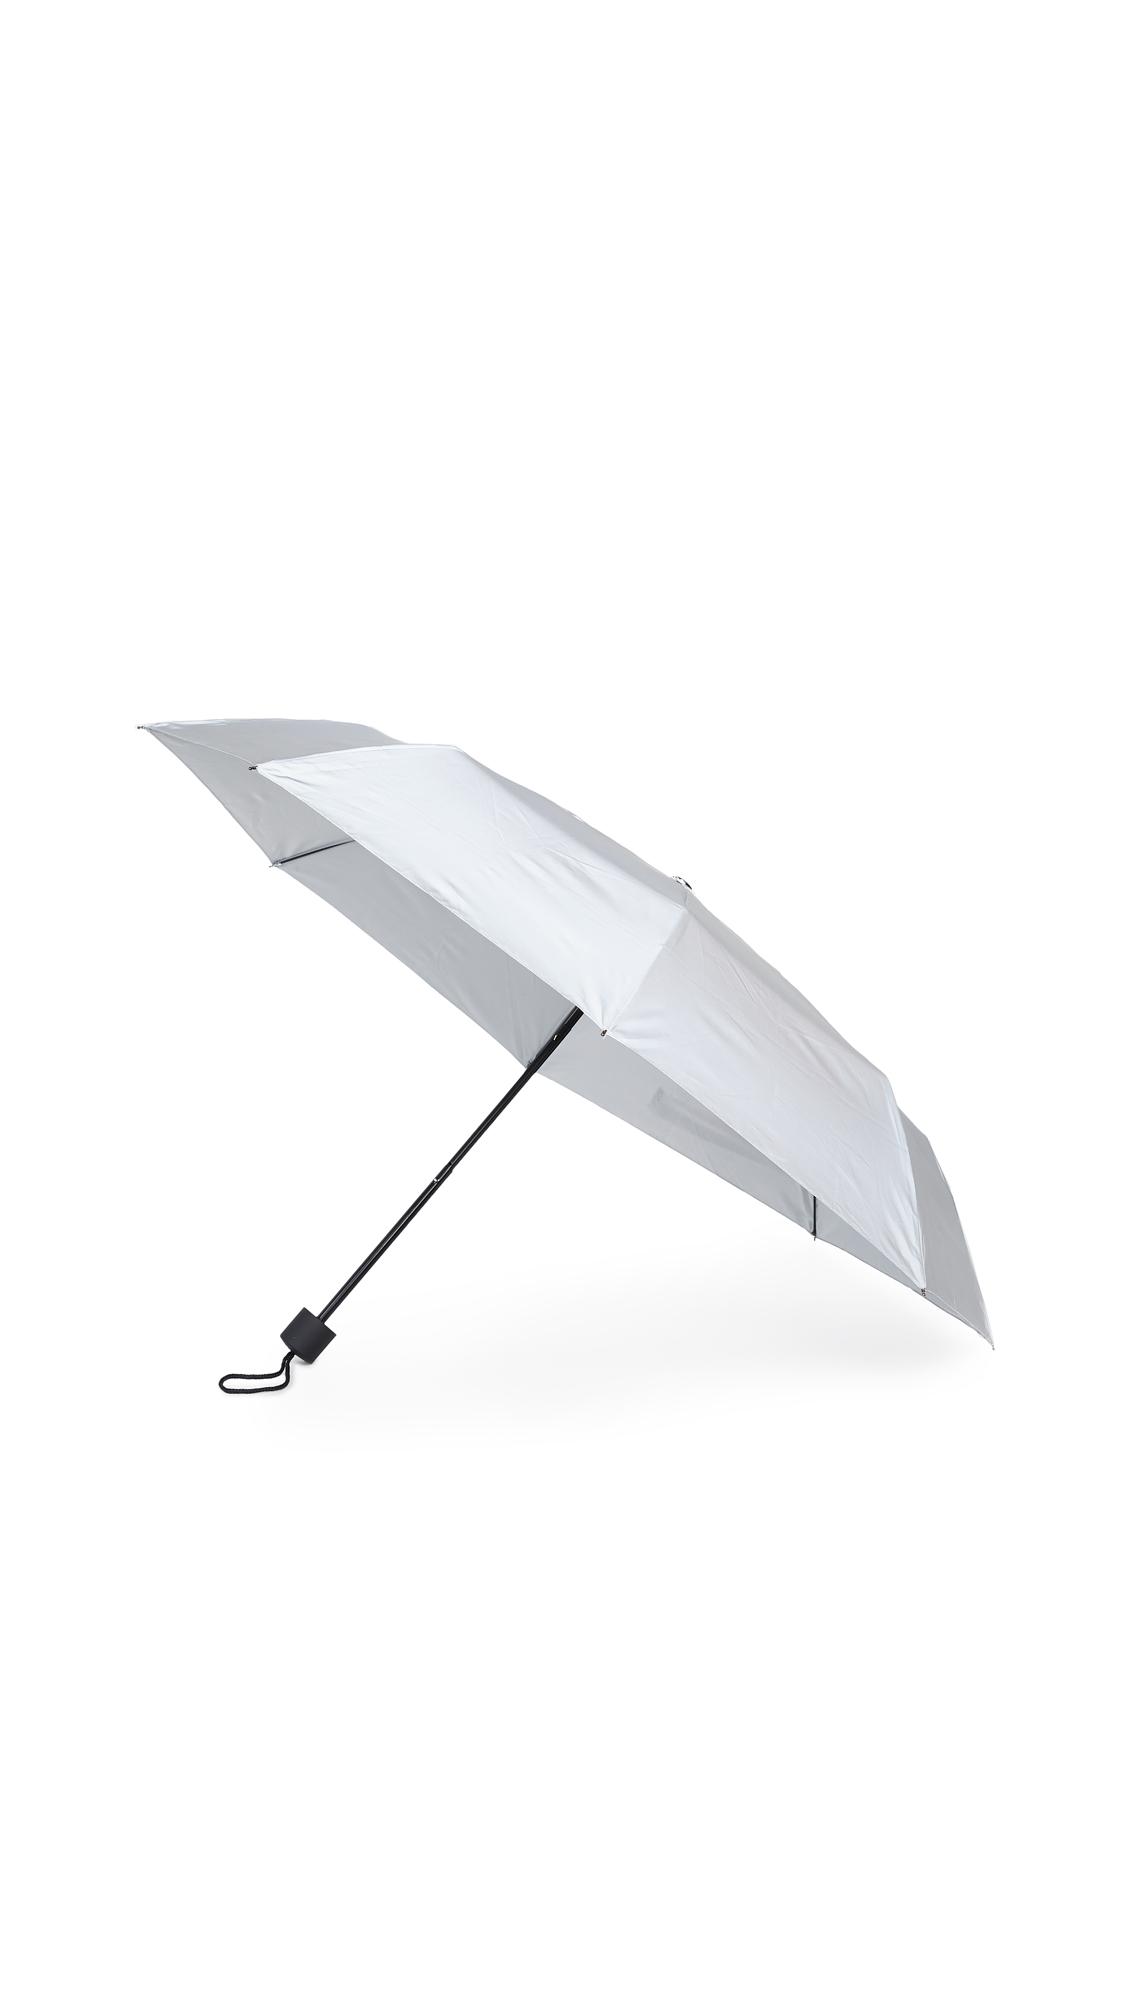 GIFT BOUTIQUE Hi-Reflective Umbrella